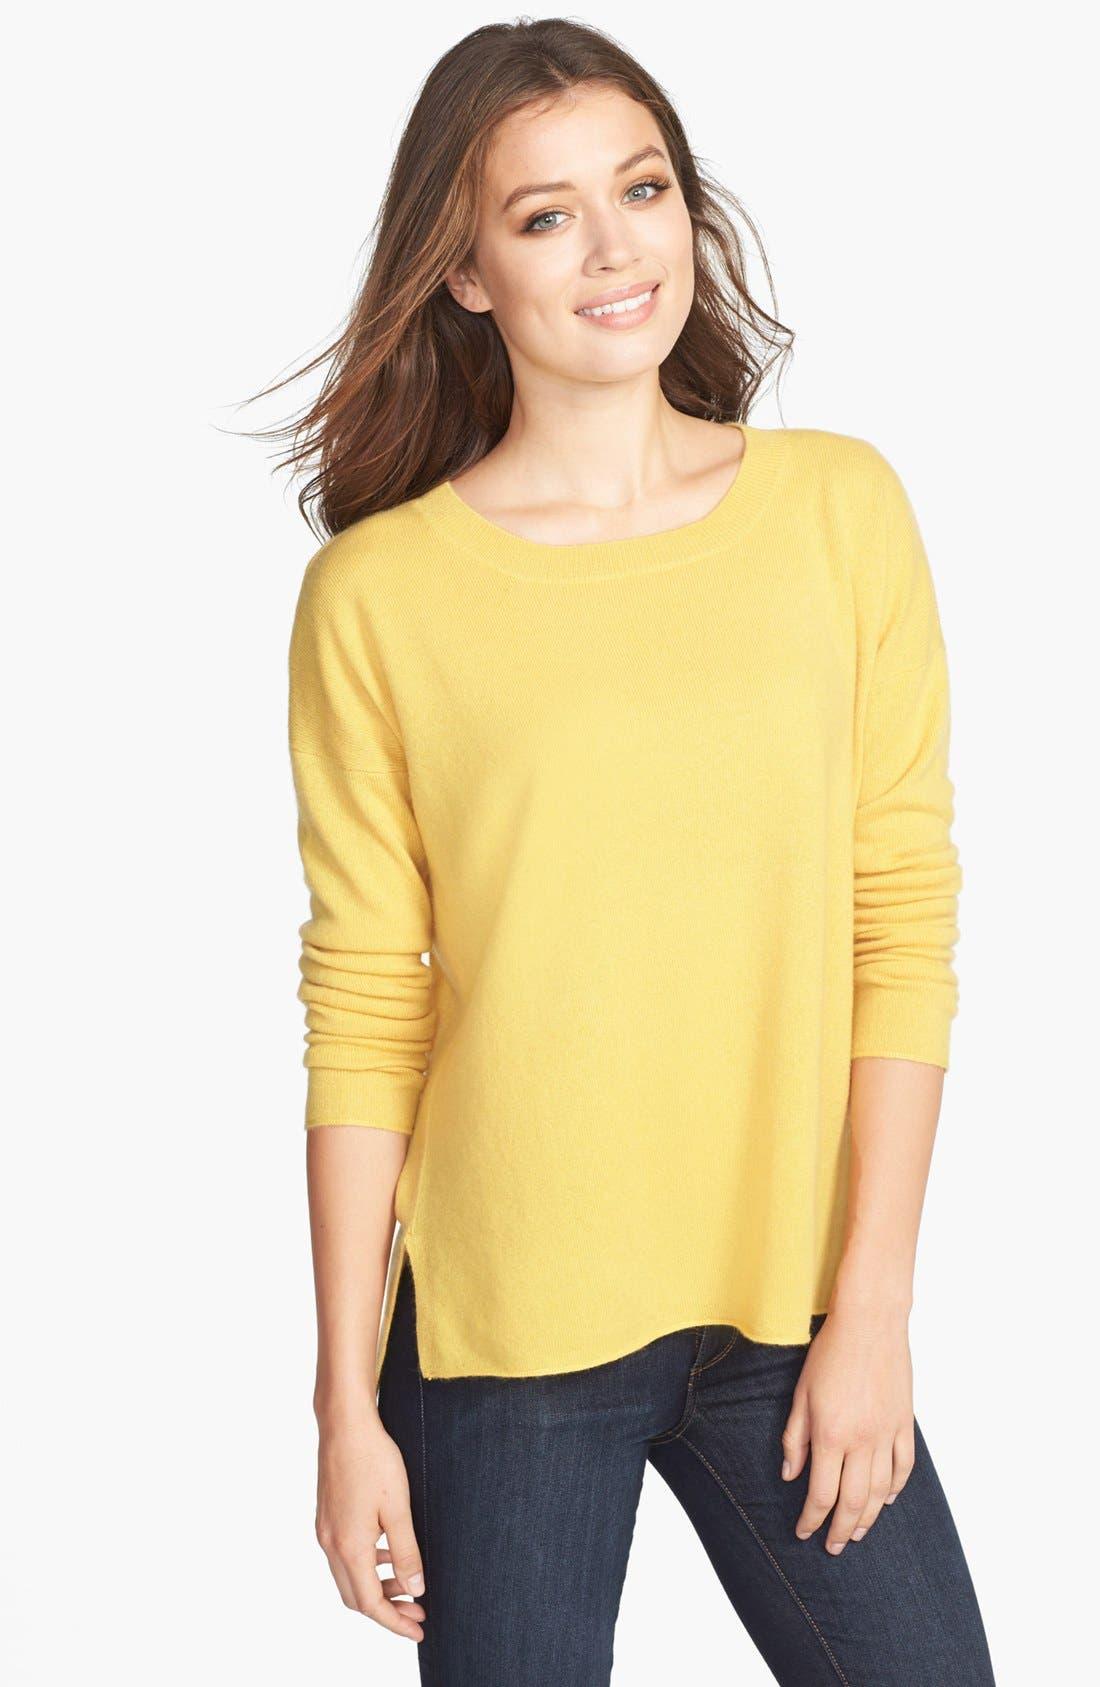 Main Image - Pure Amici Cashmere Crewneck Sweater